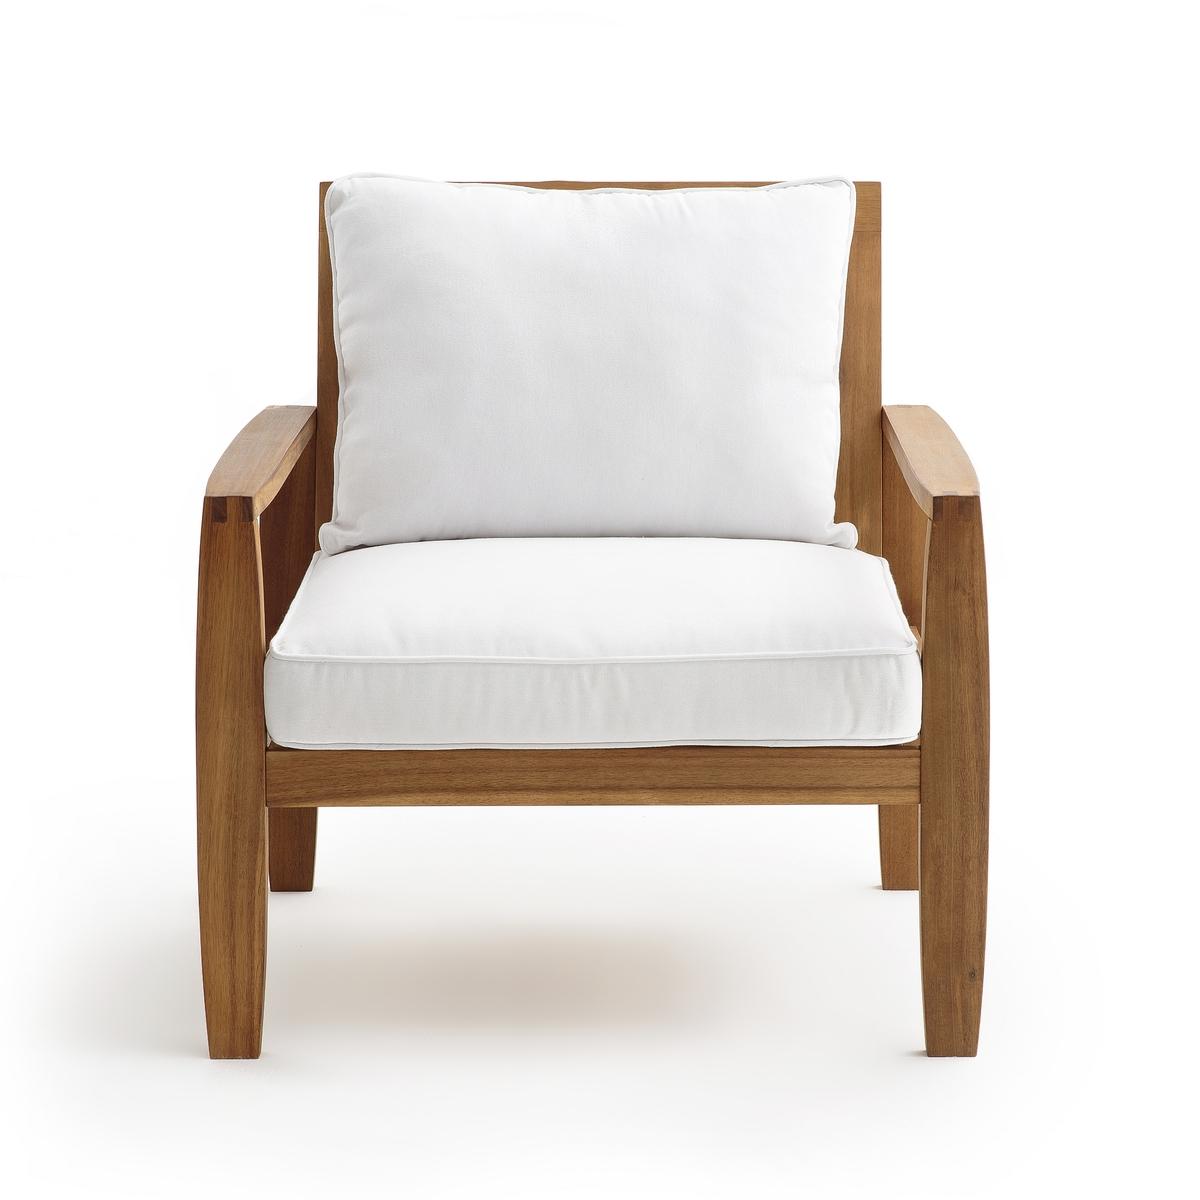 Кресло для сада из акации, Artimon чехлы для телефонов nillkin накладка для apple iphone x